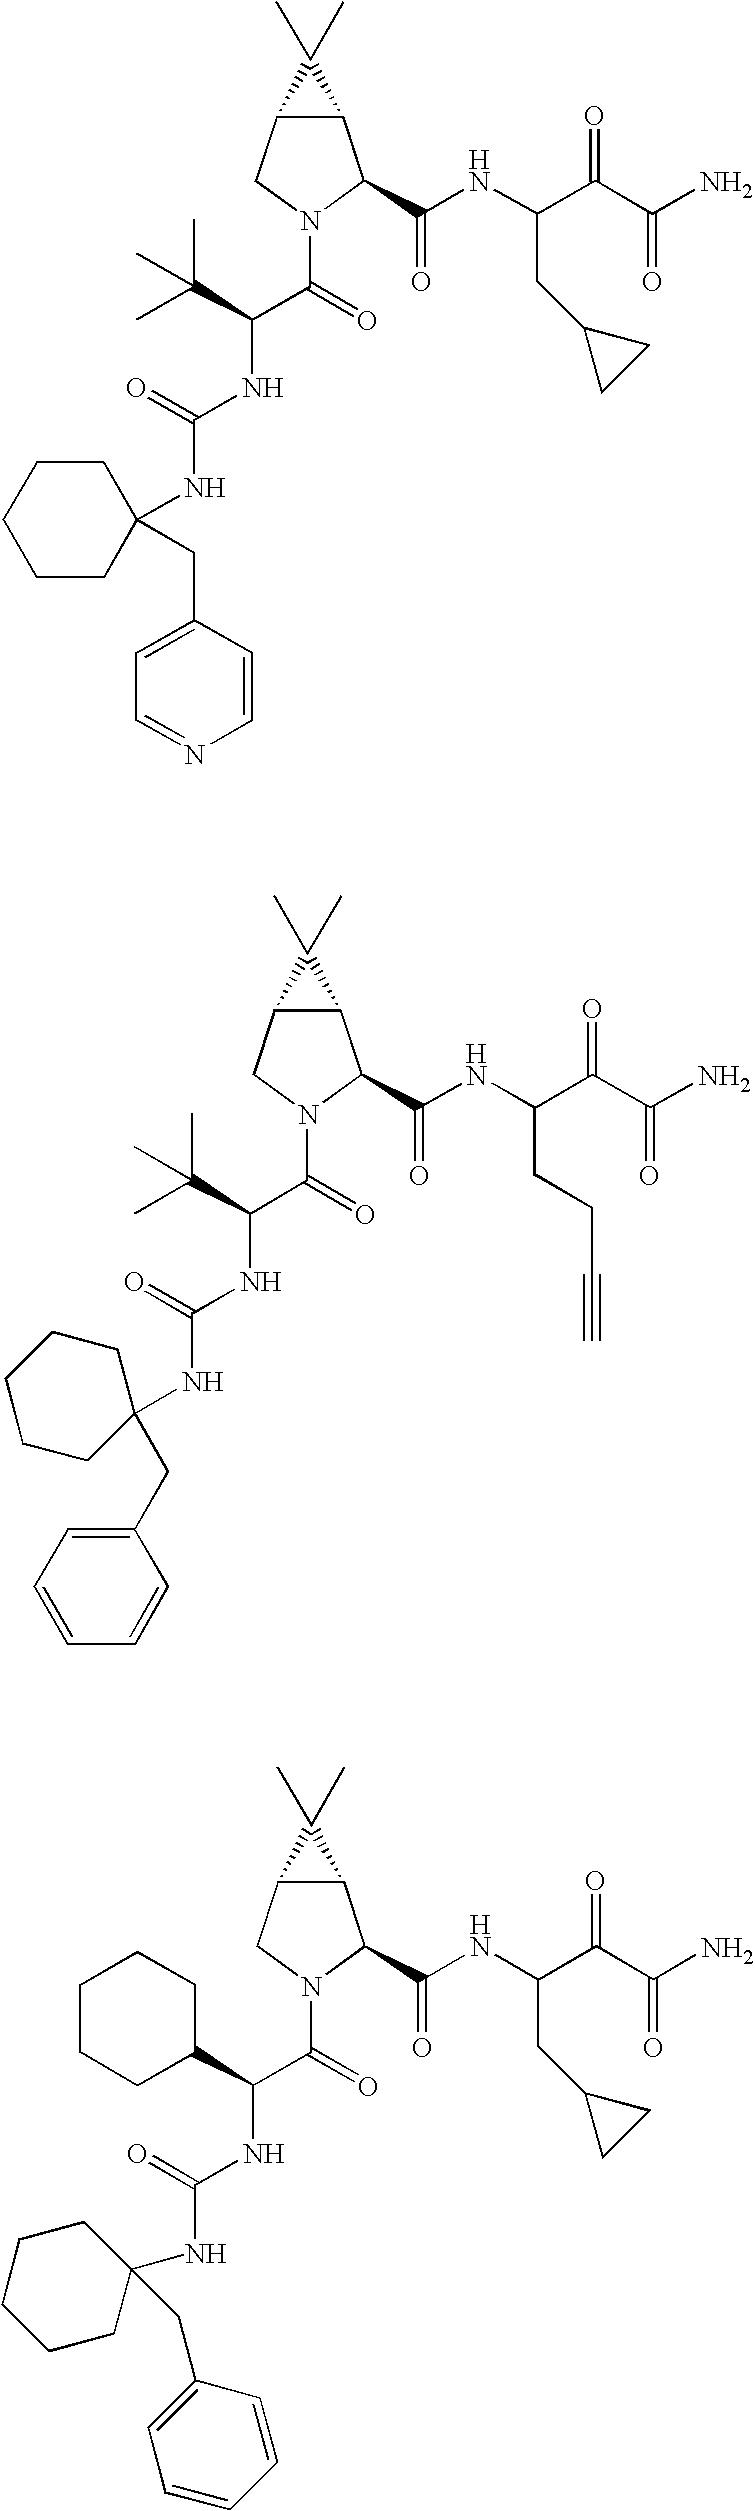 Figure US20060287248A1-20061221-C00334